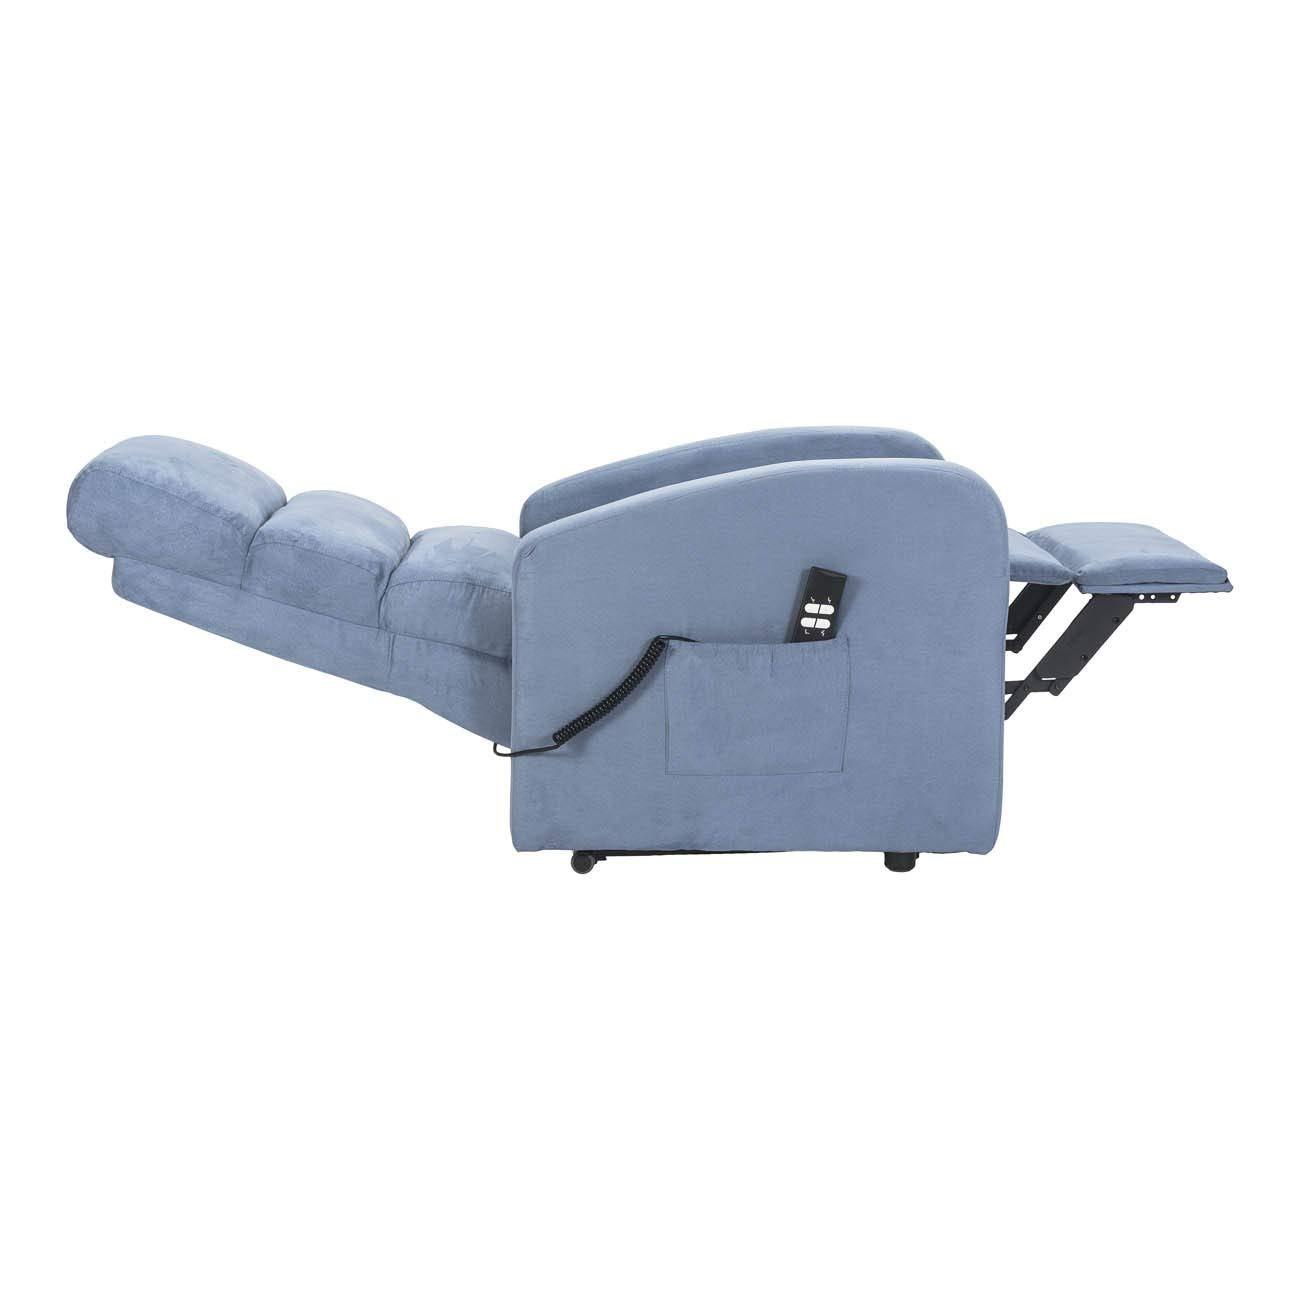 Fauteuil Relax /électrique avec 1 Moteur et syst/ème releveur Robin-1M-CS-MISKY Bleu Microfibre Personnalisables Accessoires CE Medical Sime